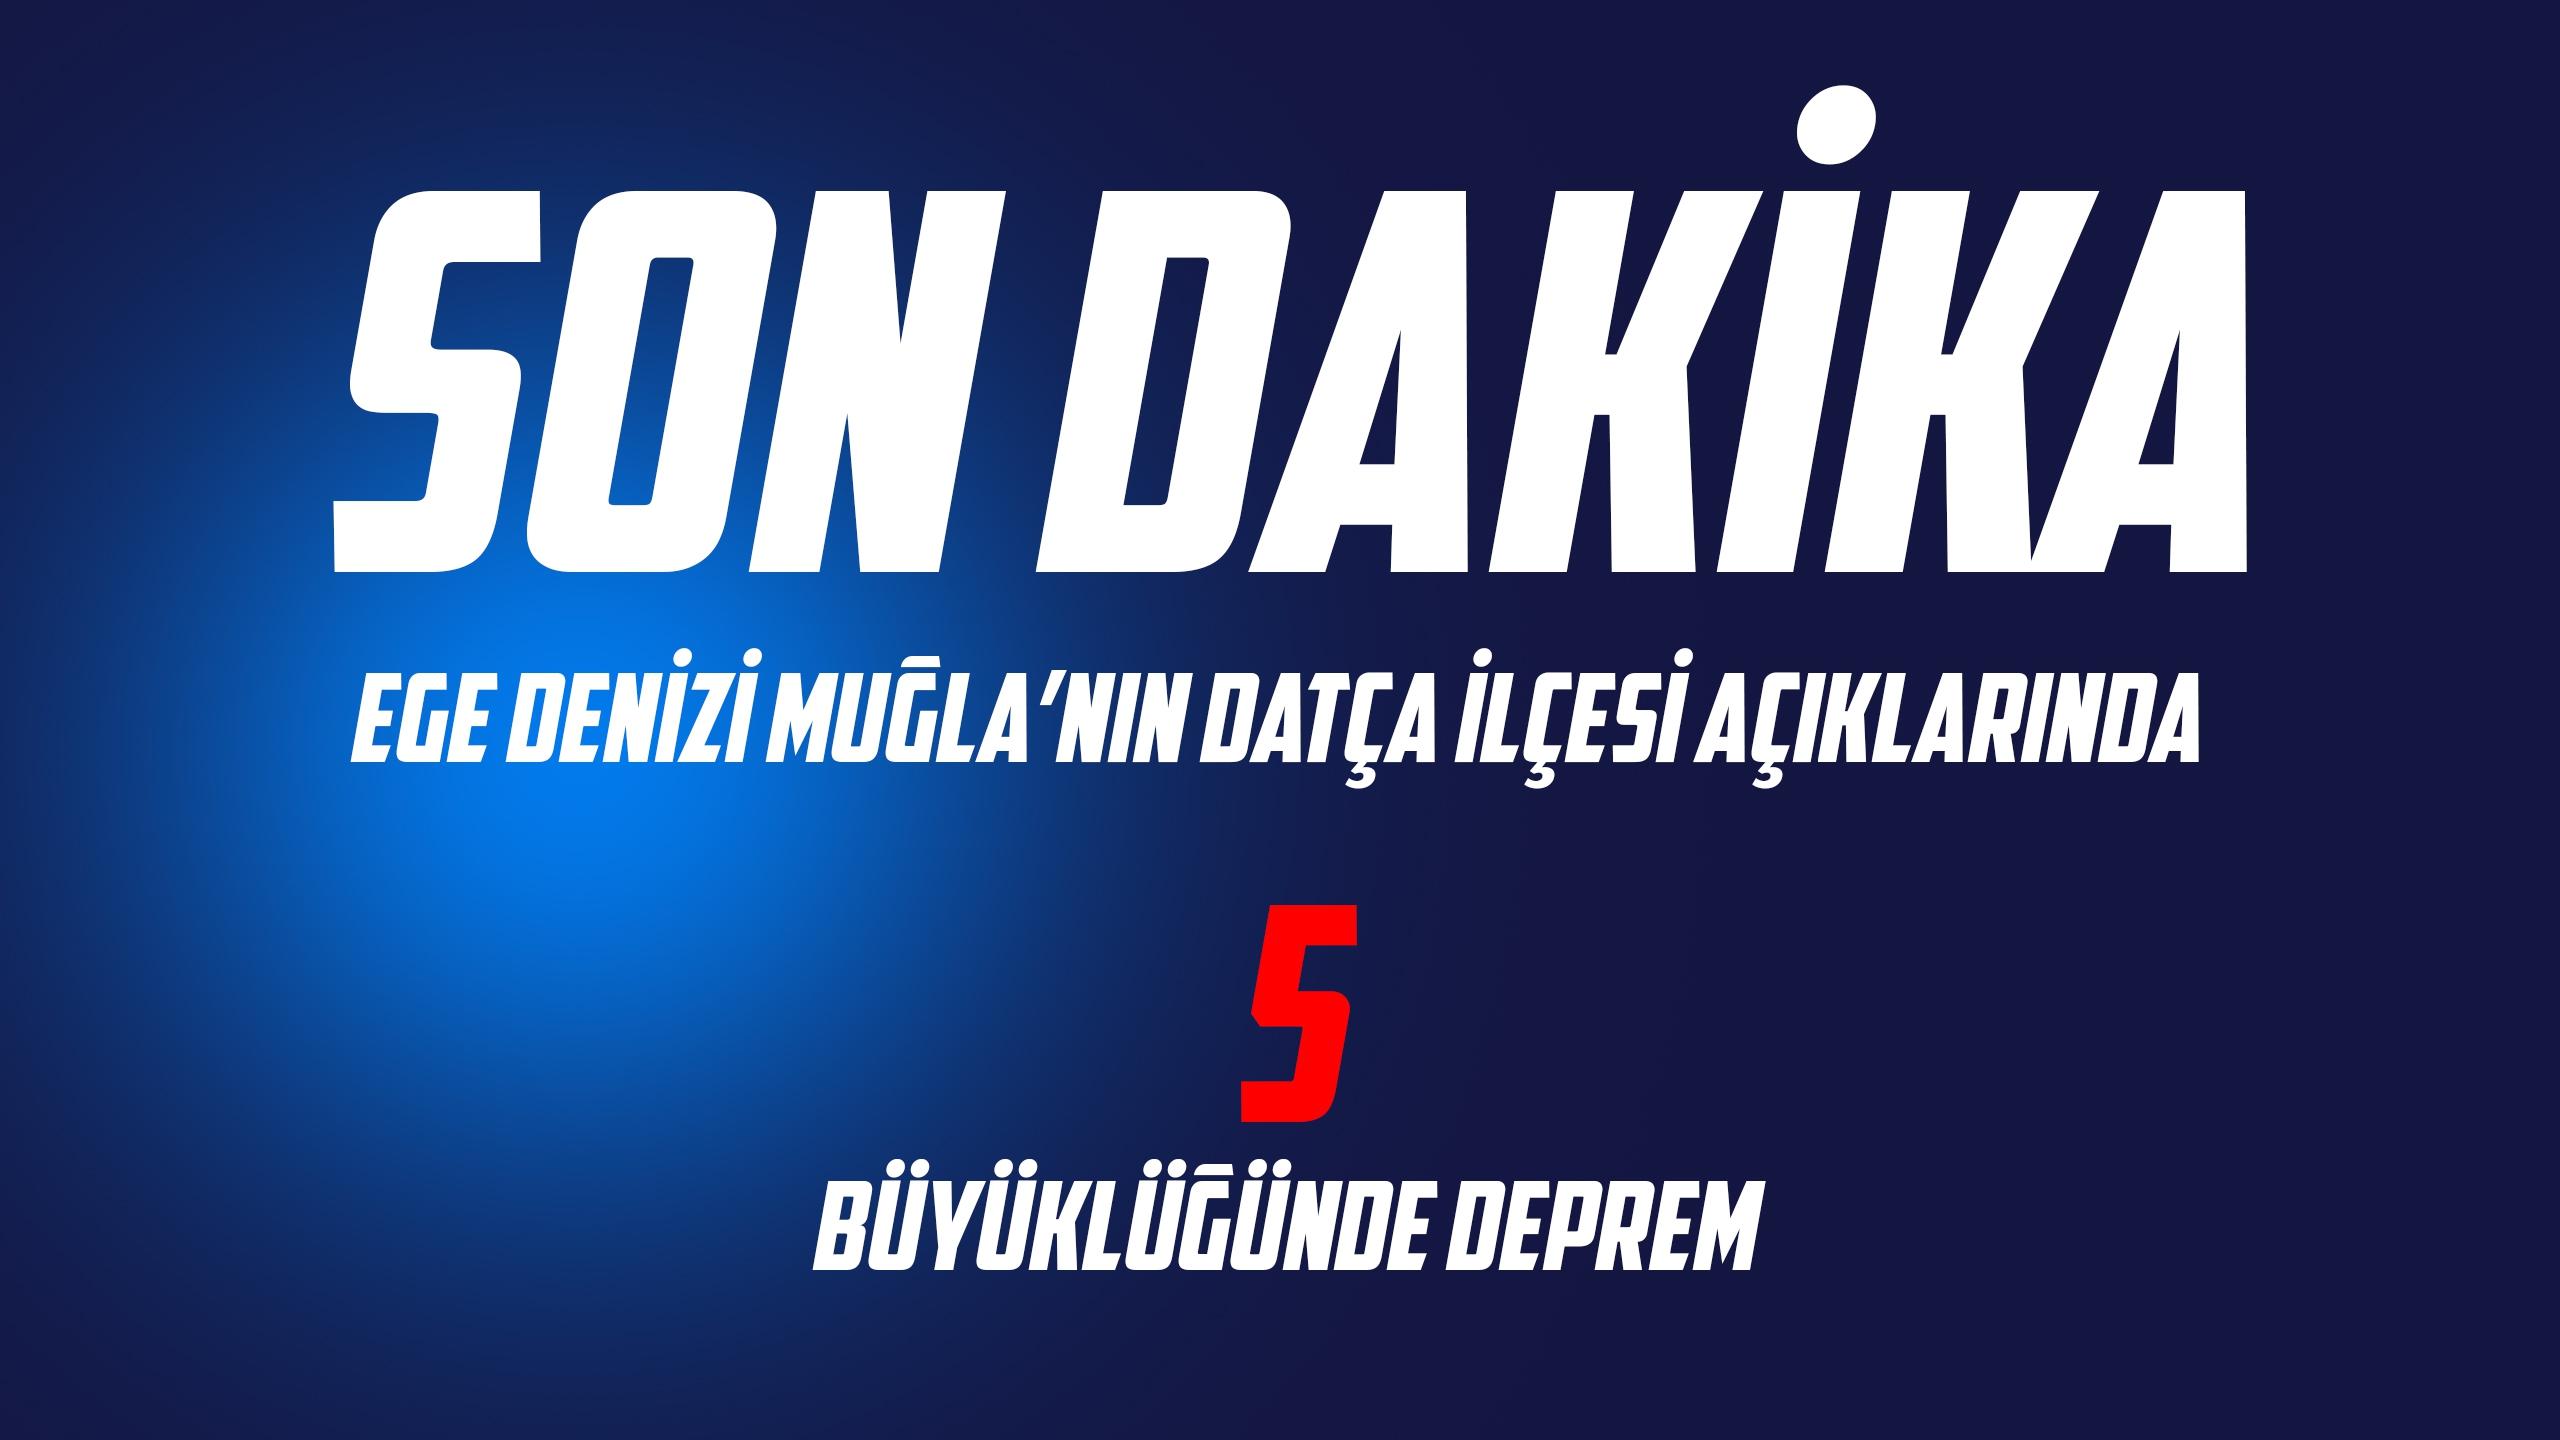 Muğla Datça ilçesi açıklarında 5 büyüklüğünde deprem meydana geldi.